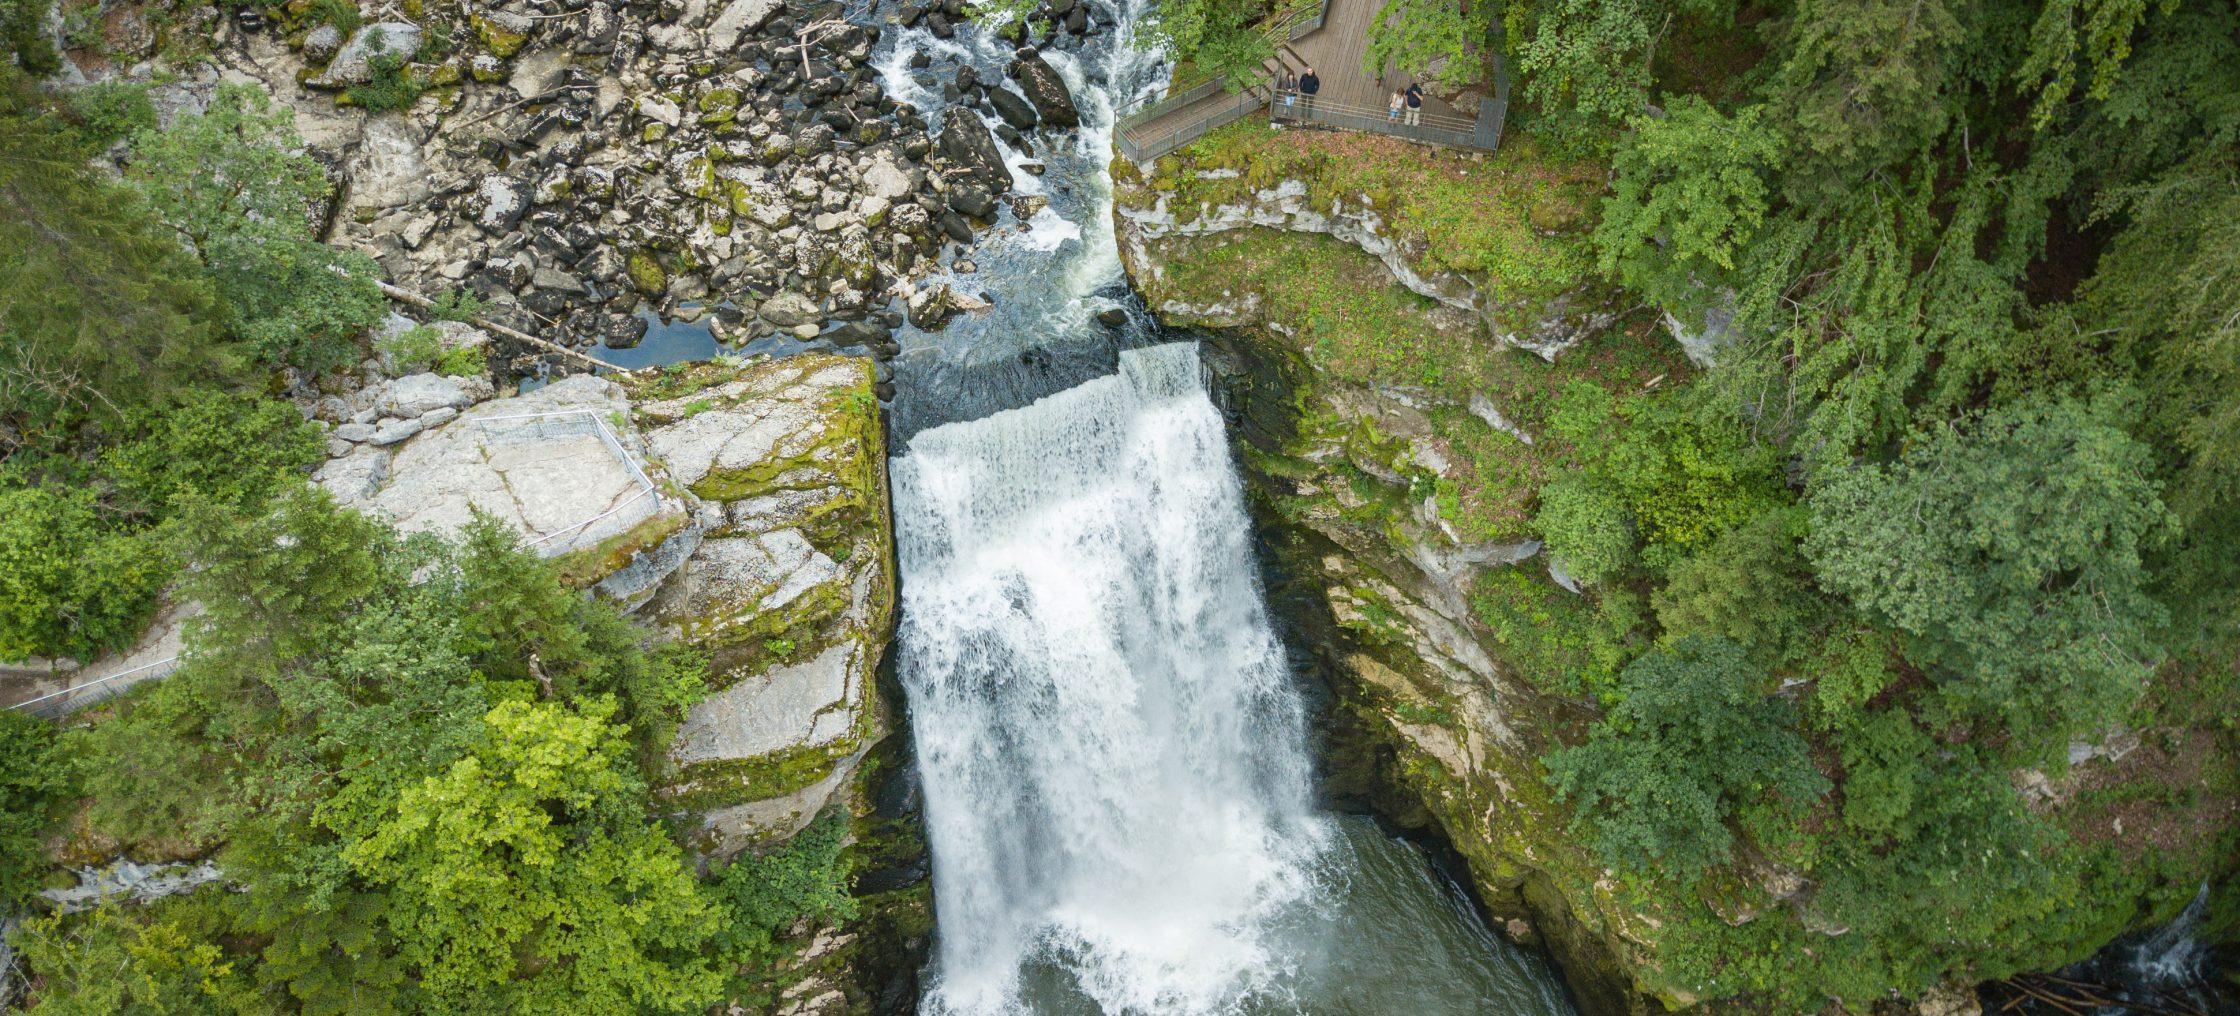 Wasserfall Doubs im Wald, Steine und Felsen rundherum - Wandern Jura